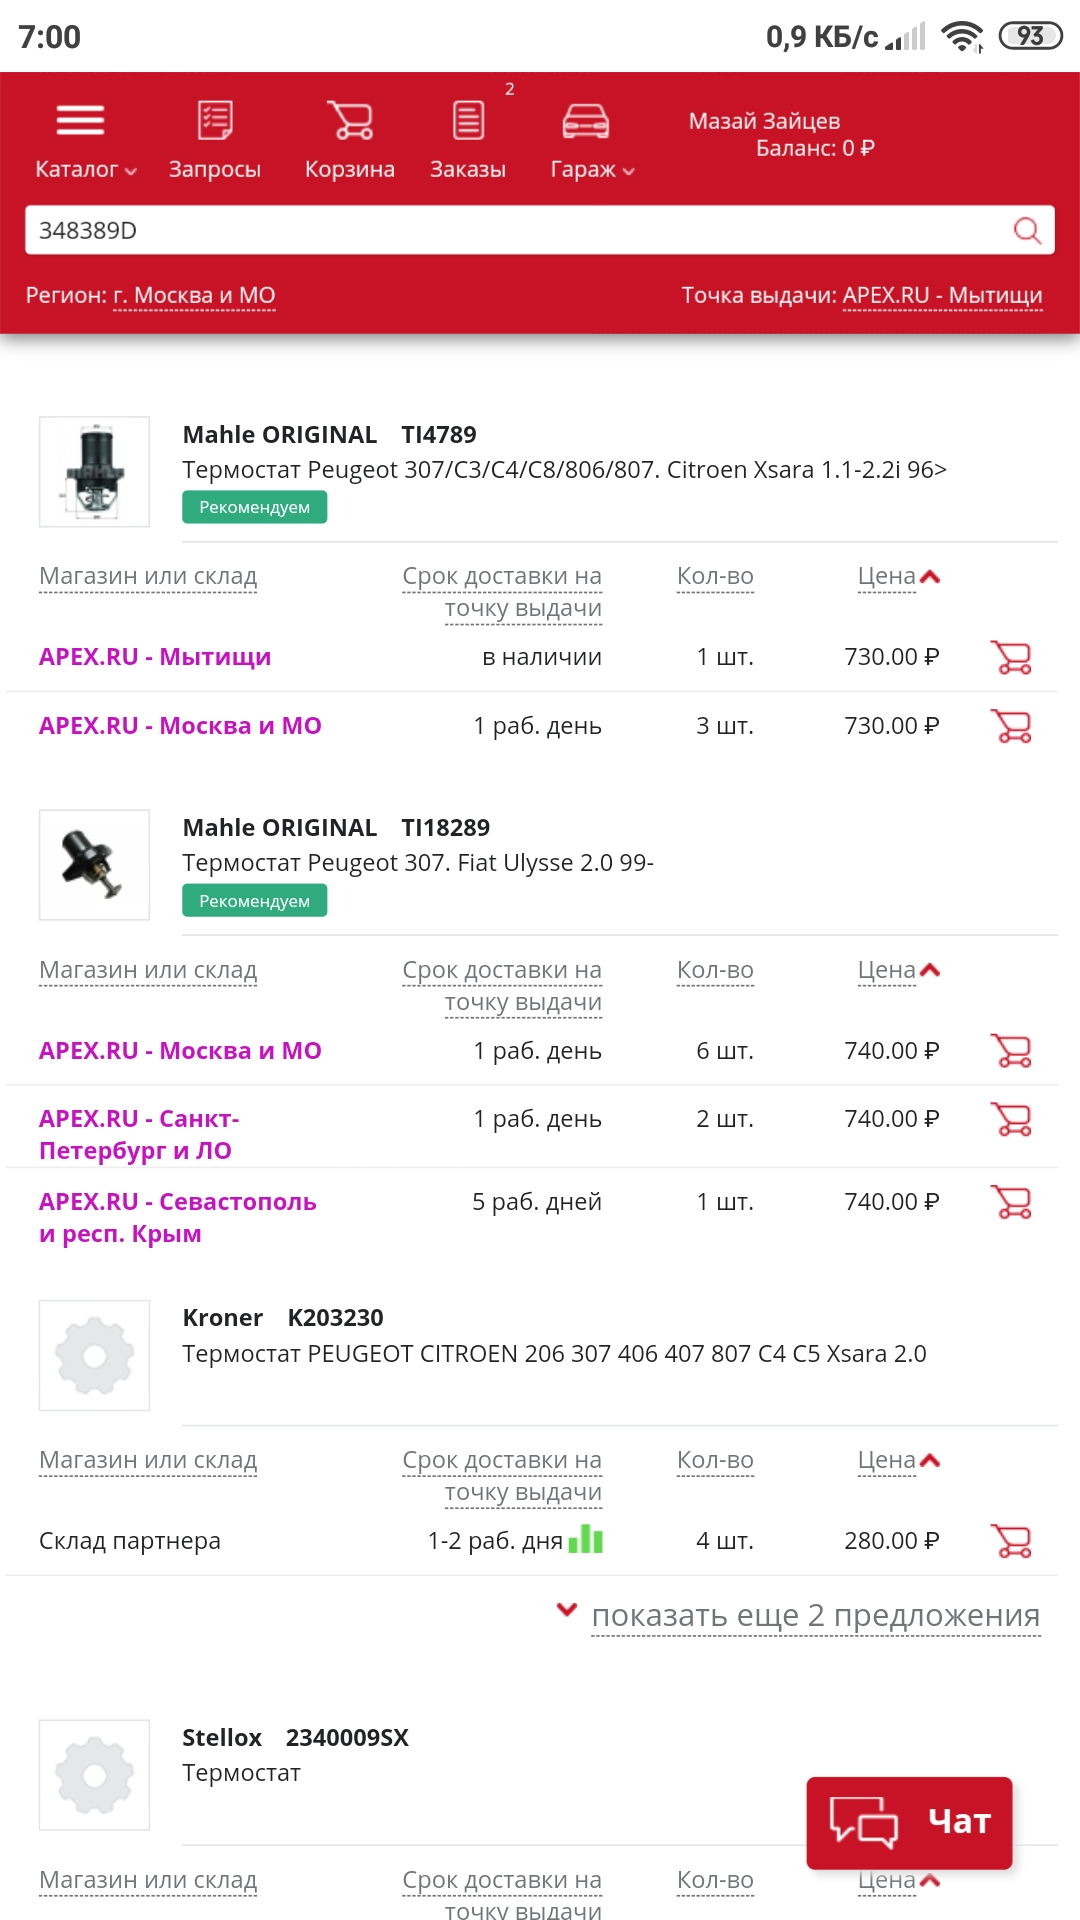 Screenshot_2019-12-17-07-00-06-084_com.android.chrome.jpg